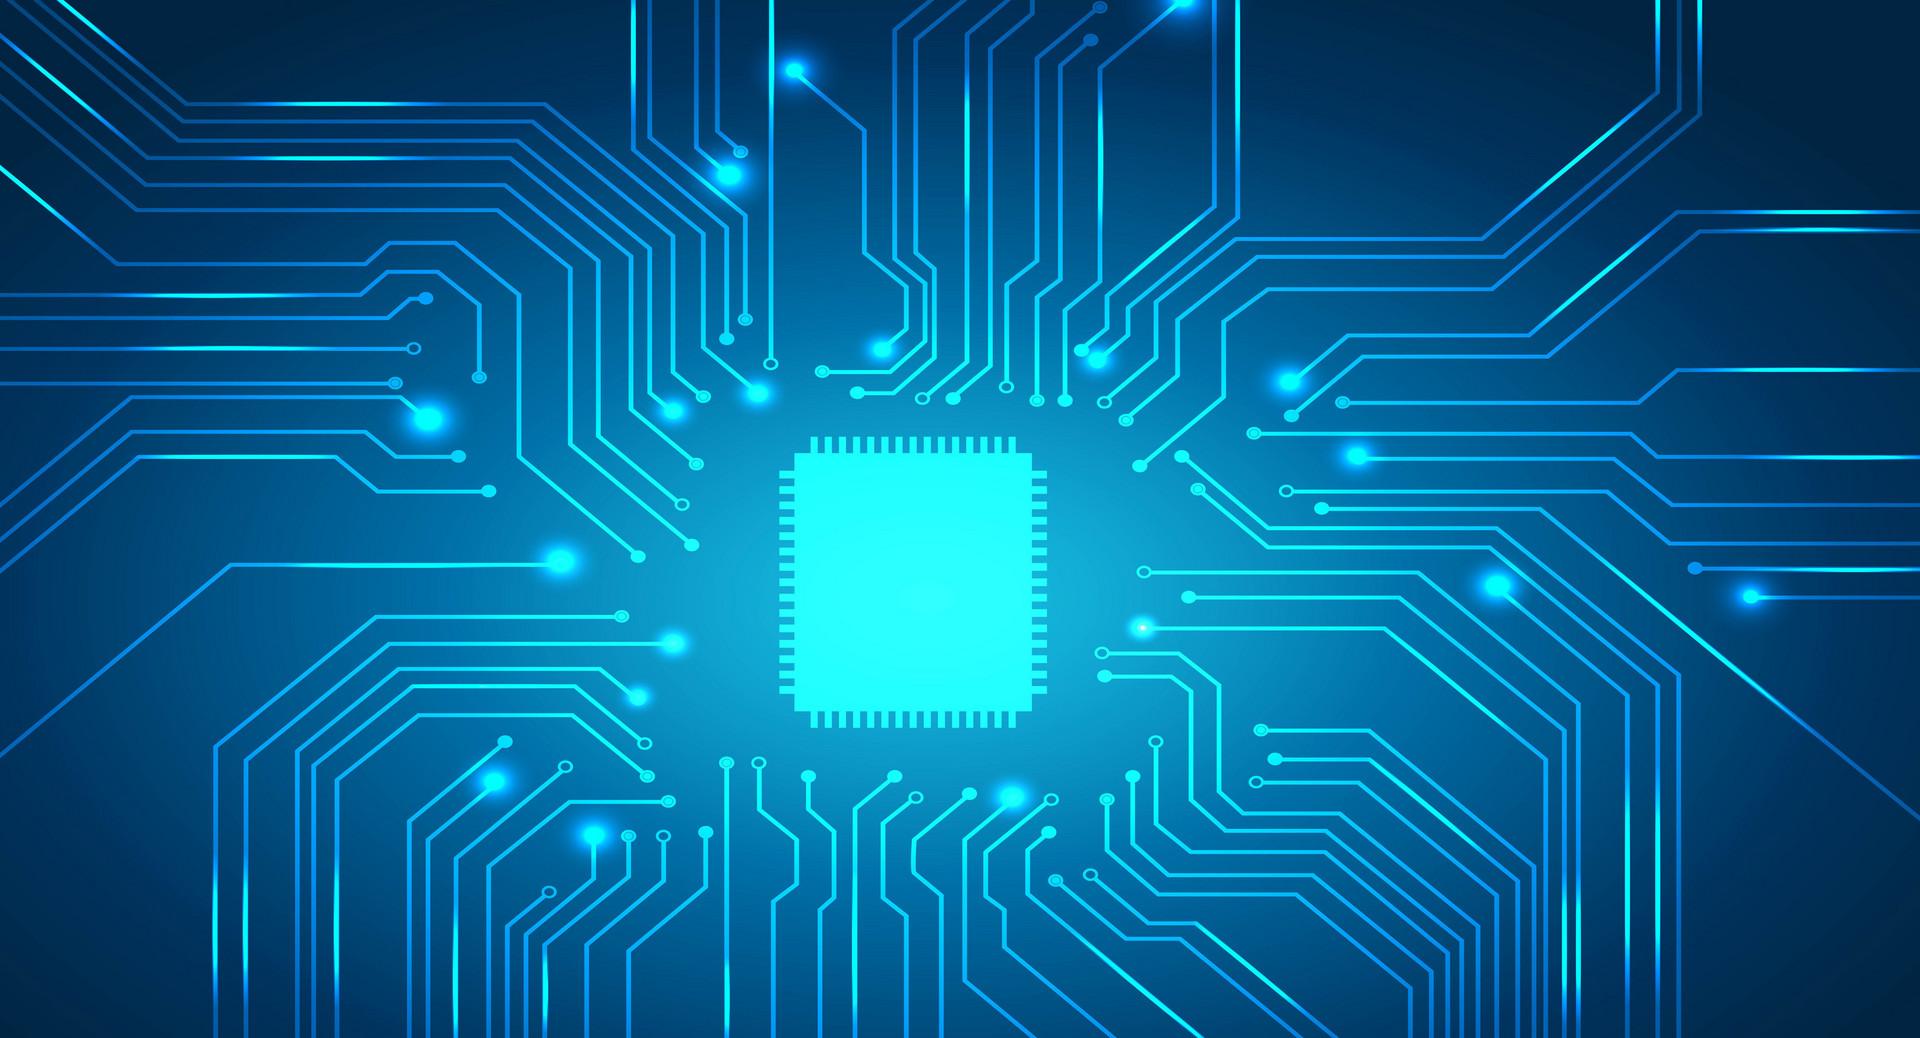 江�K�A存�l布首款 PCIe 5.0 主控芯片,采用�_�e� 12 nm流片